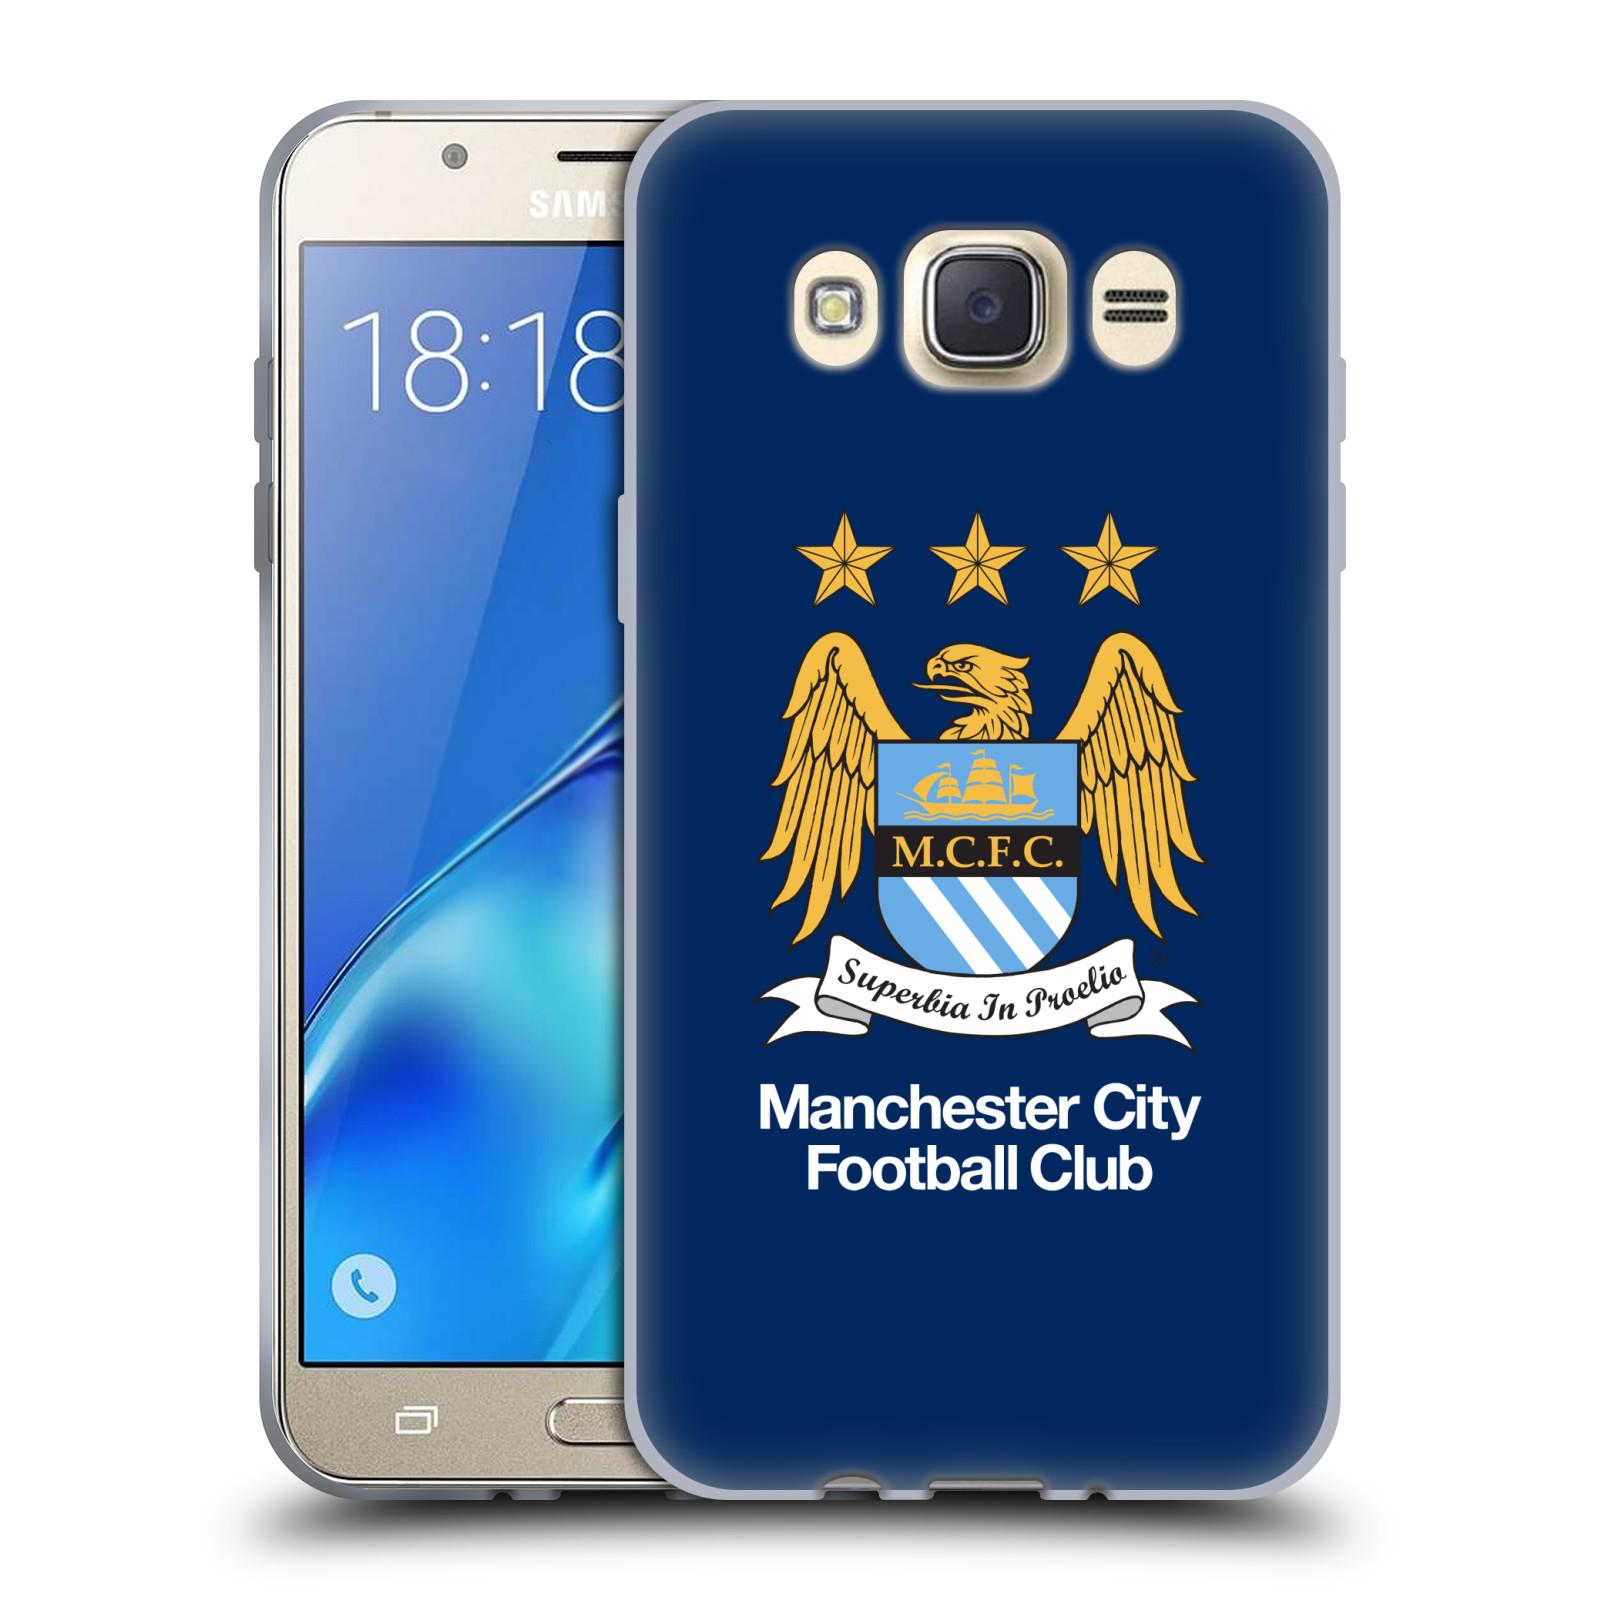 HEAD CASE silikonový obal na mobil Samsung Galaxy J7 2016 Fotbalový klub Manchester City modré pozadí velký znak